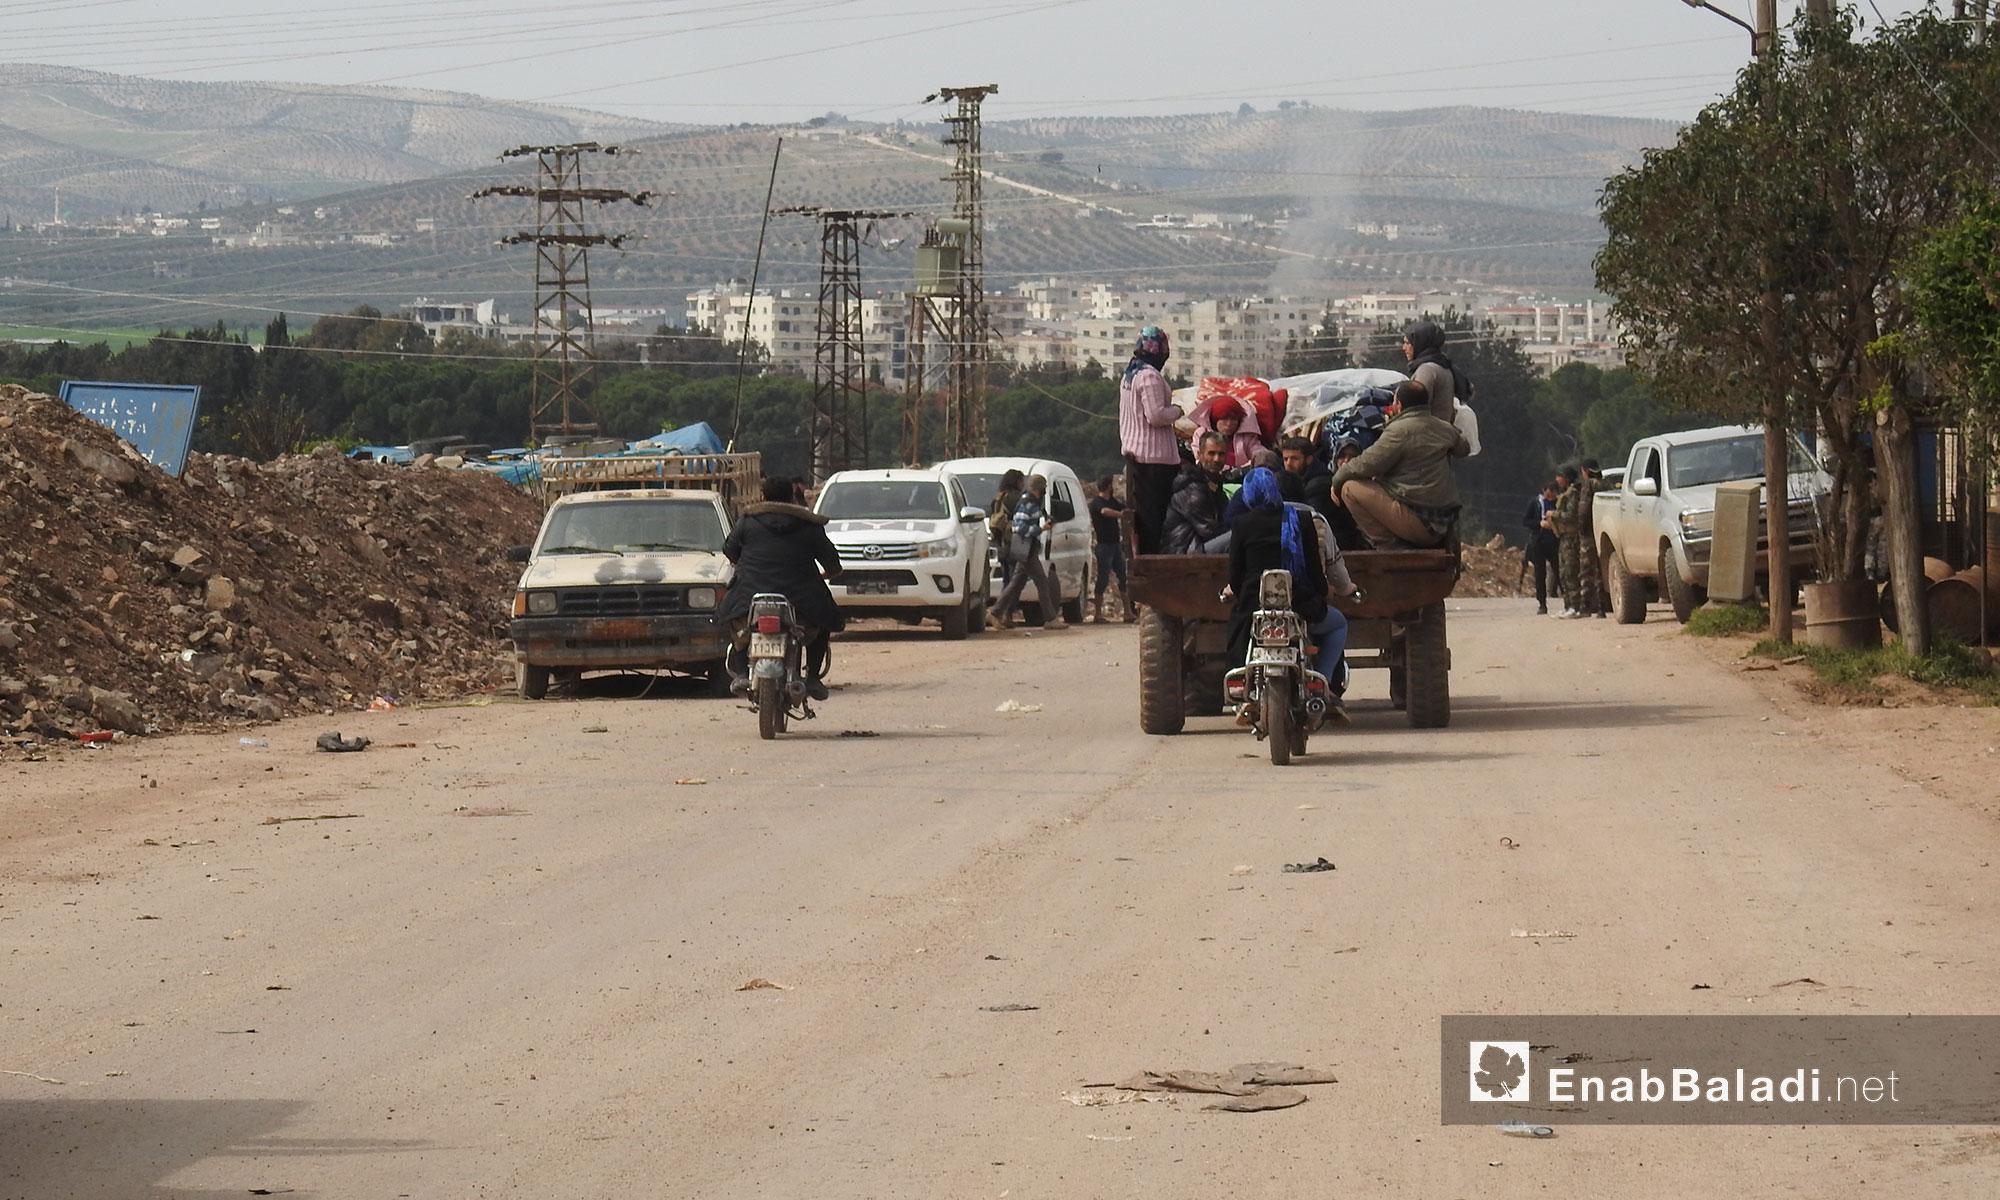 عودة المدنيين إلى منازلهم بعد تأمينها من الألغام في مدينة عفرين - 18 آذار 2018 (عنب بلدي)